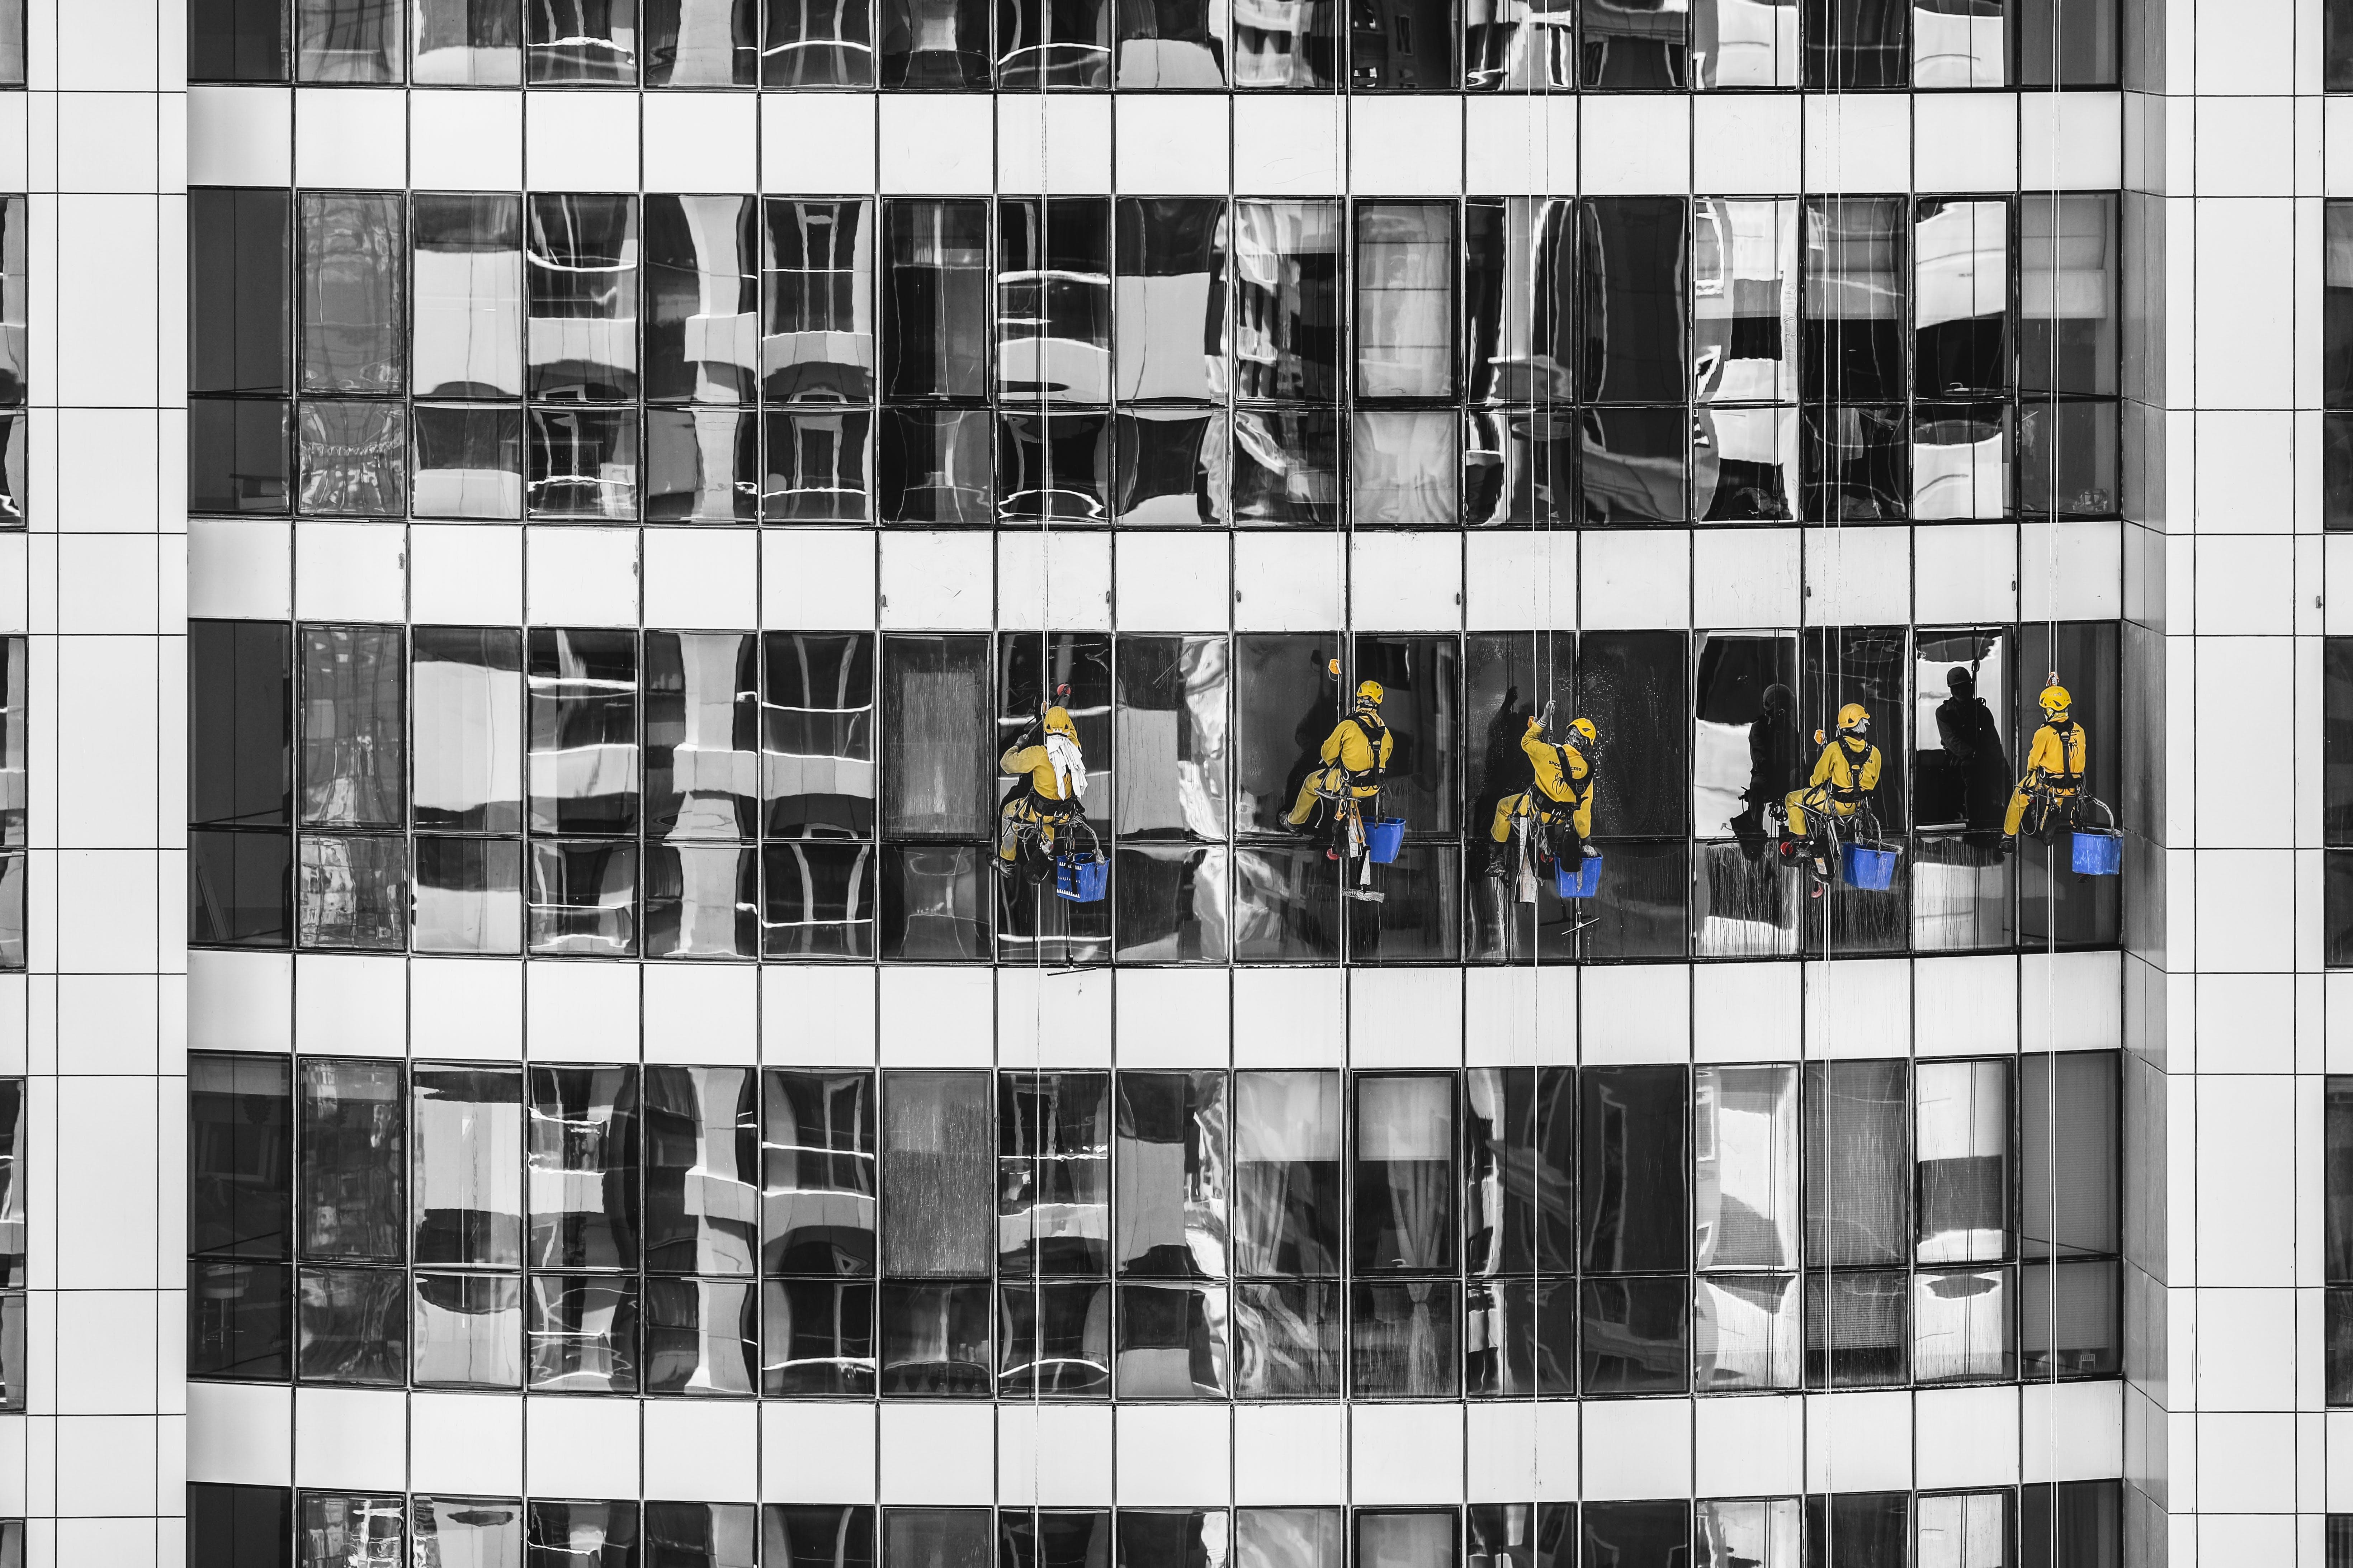 ウィンドウクリーナー, ガラス窓, クリーニング, シティの無料の写真素材